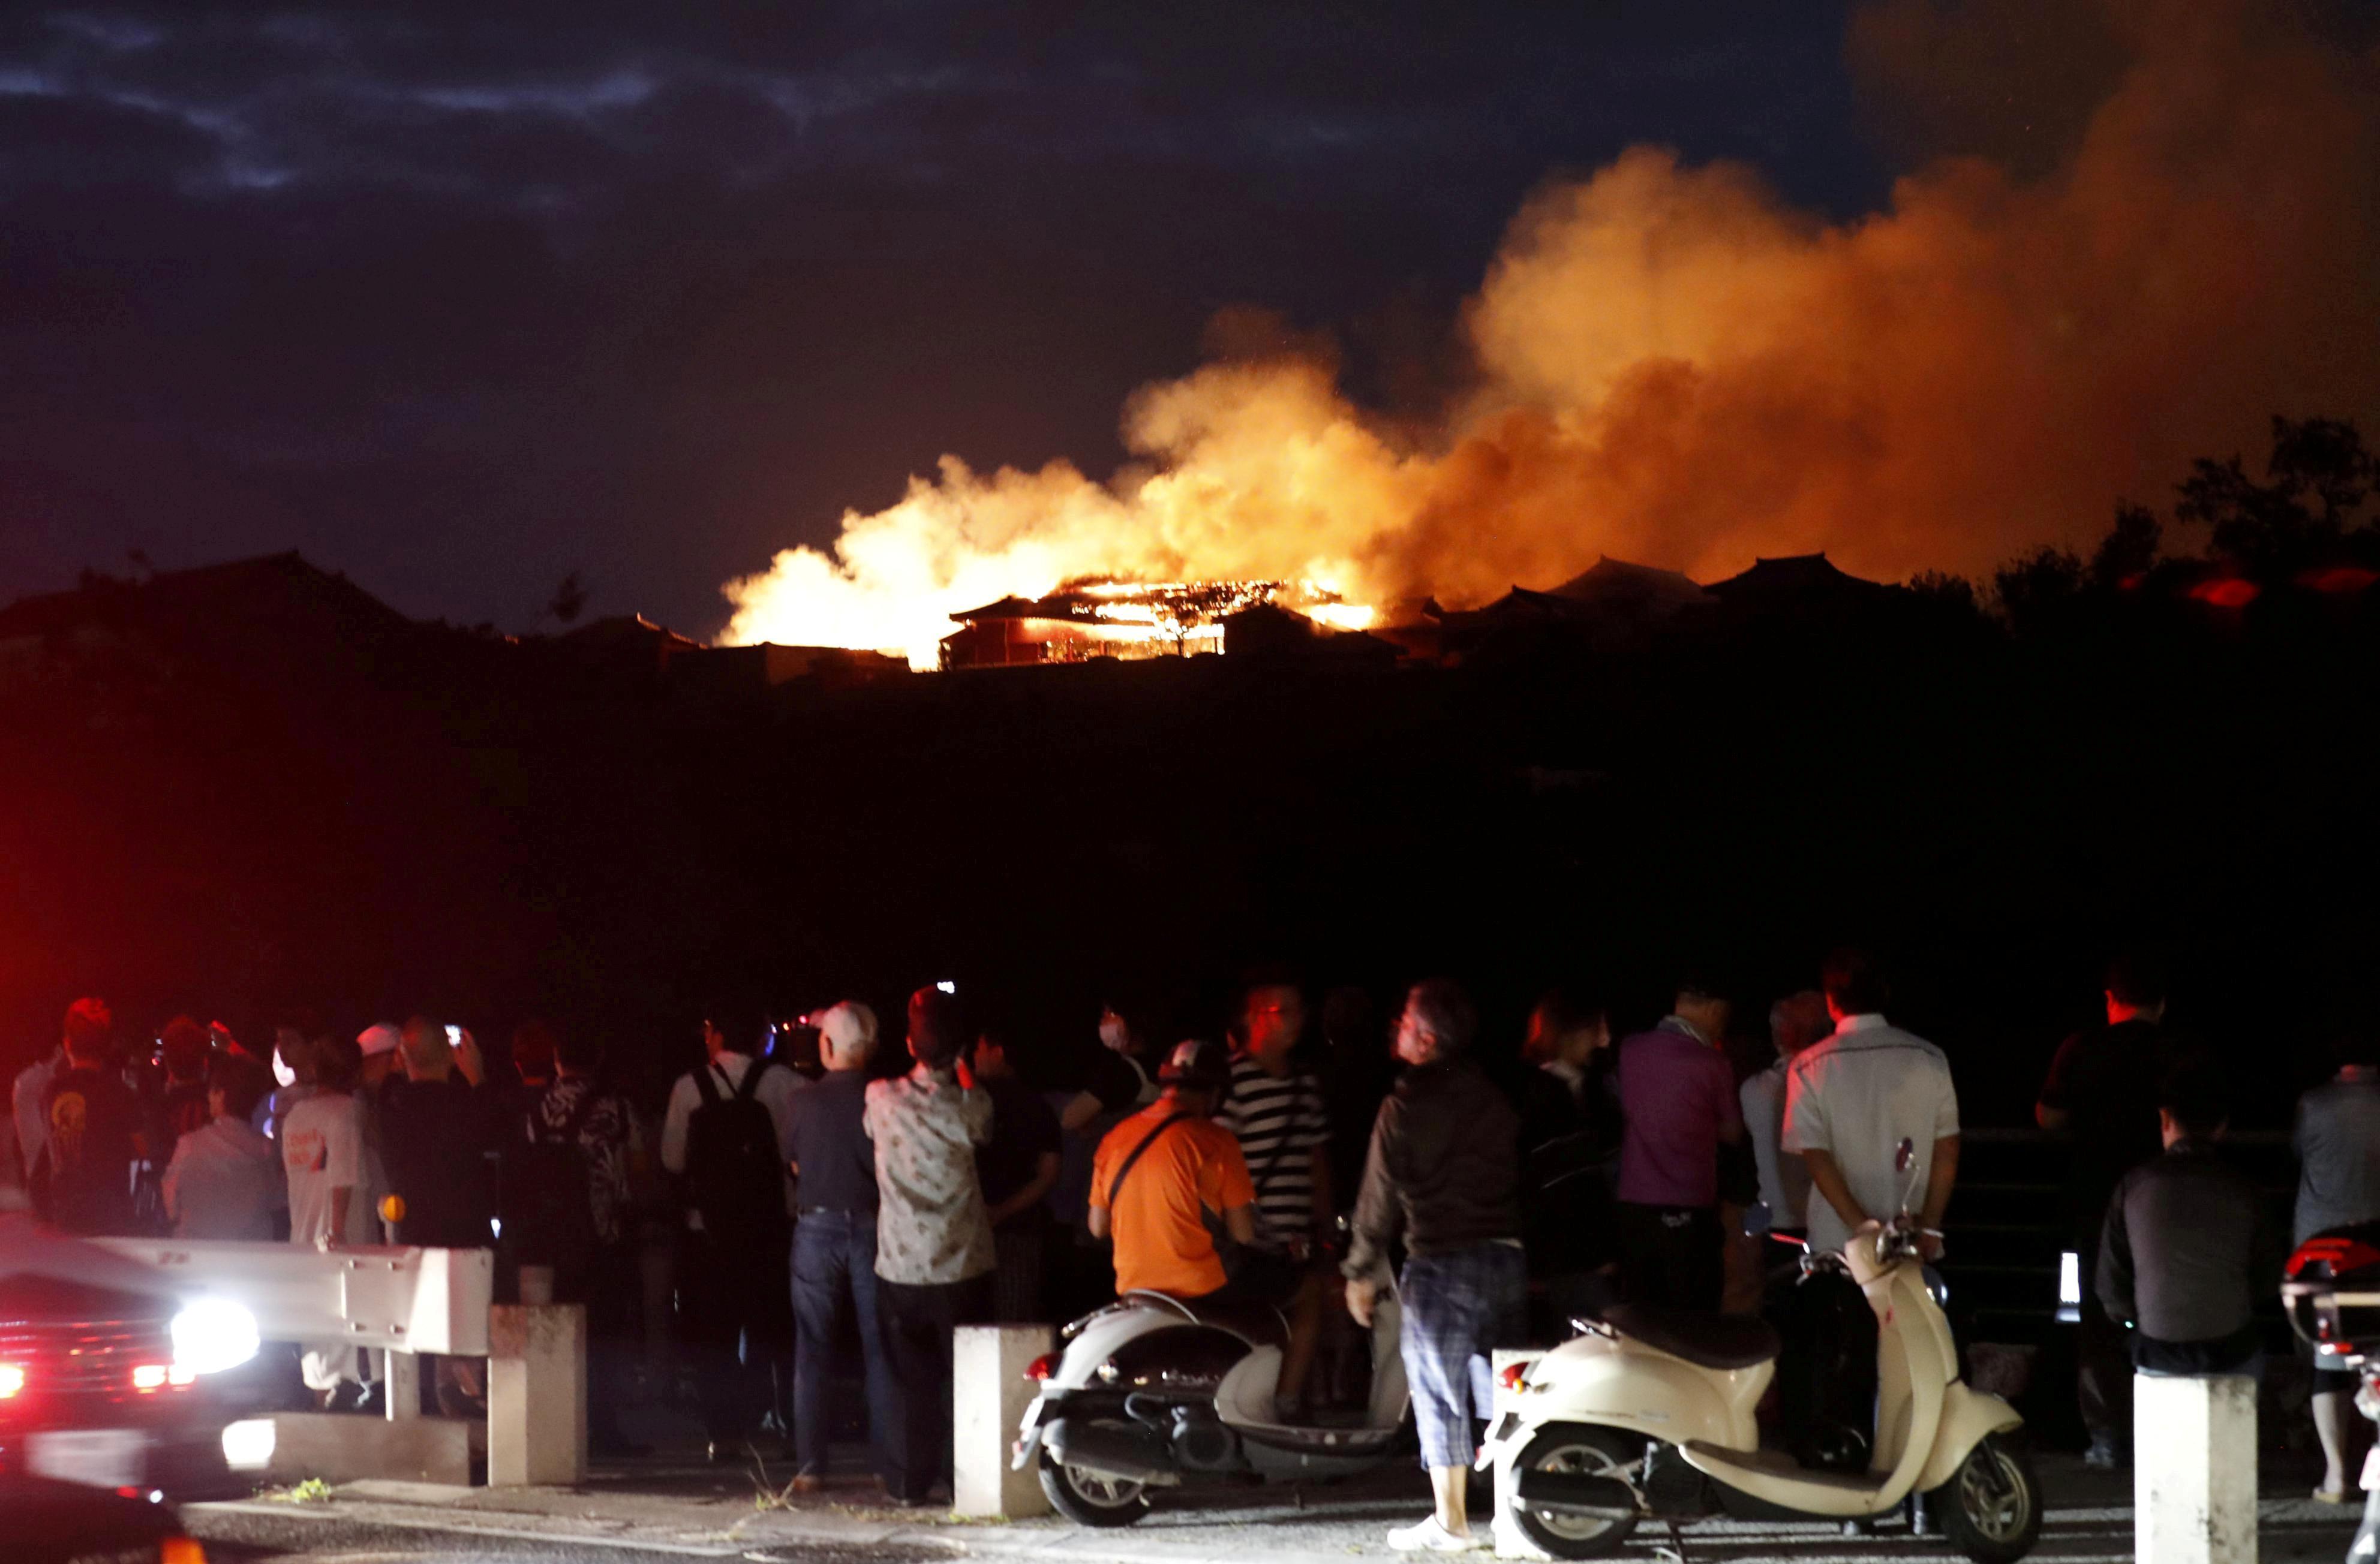 Ιαπωνία: Τεράστια πολιτιστική καταστροφή! Κάηκε το ιστορικό κάστρο του Σούρι – video